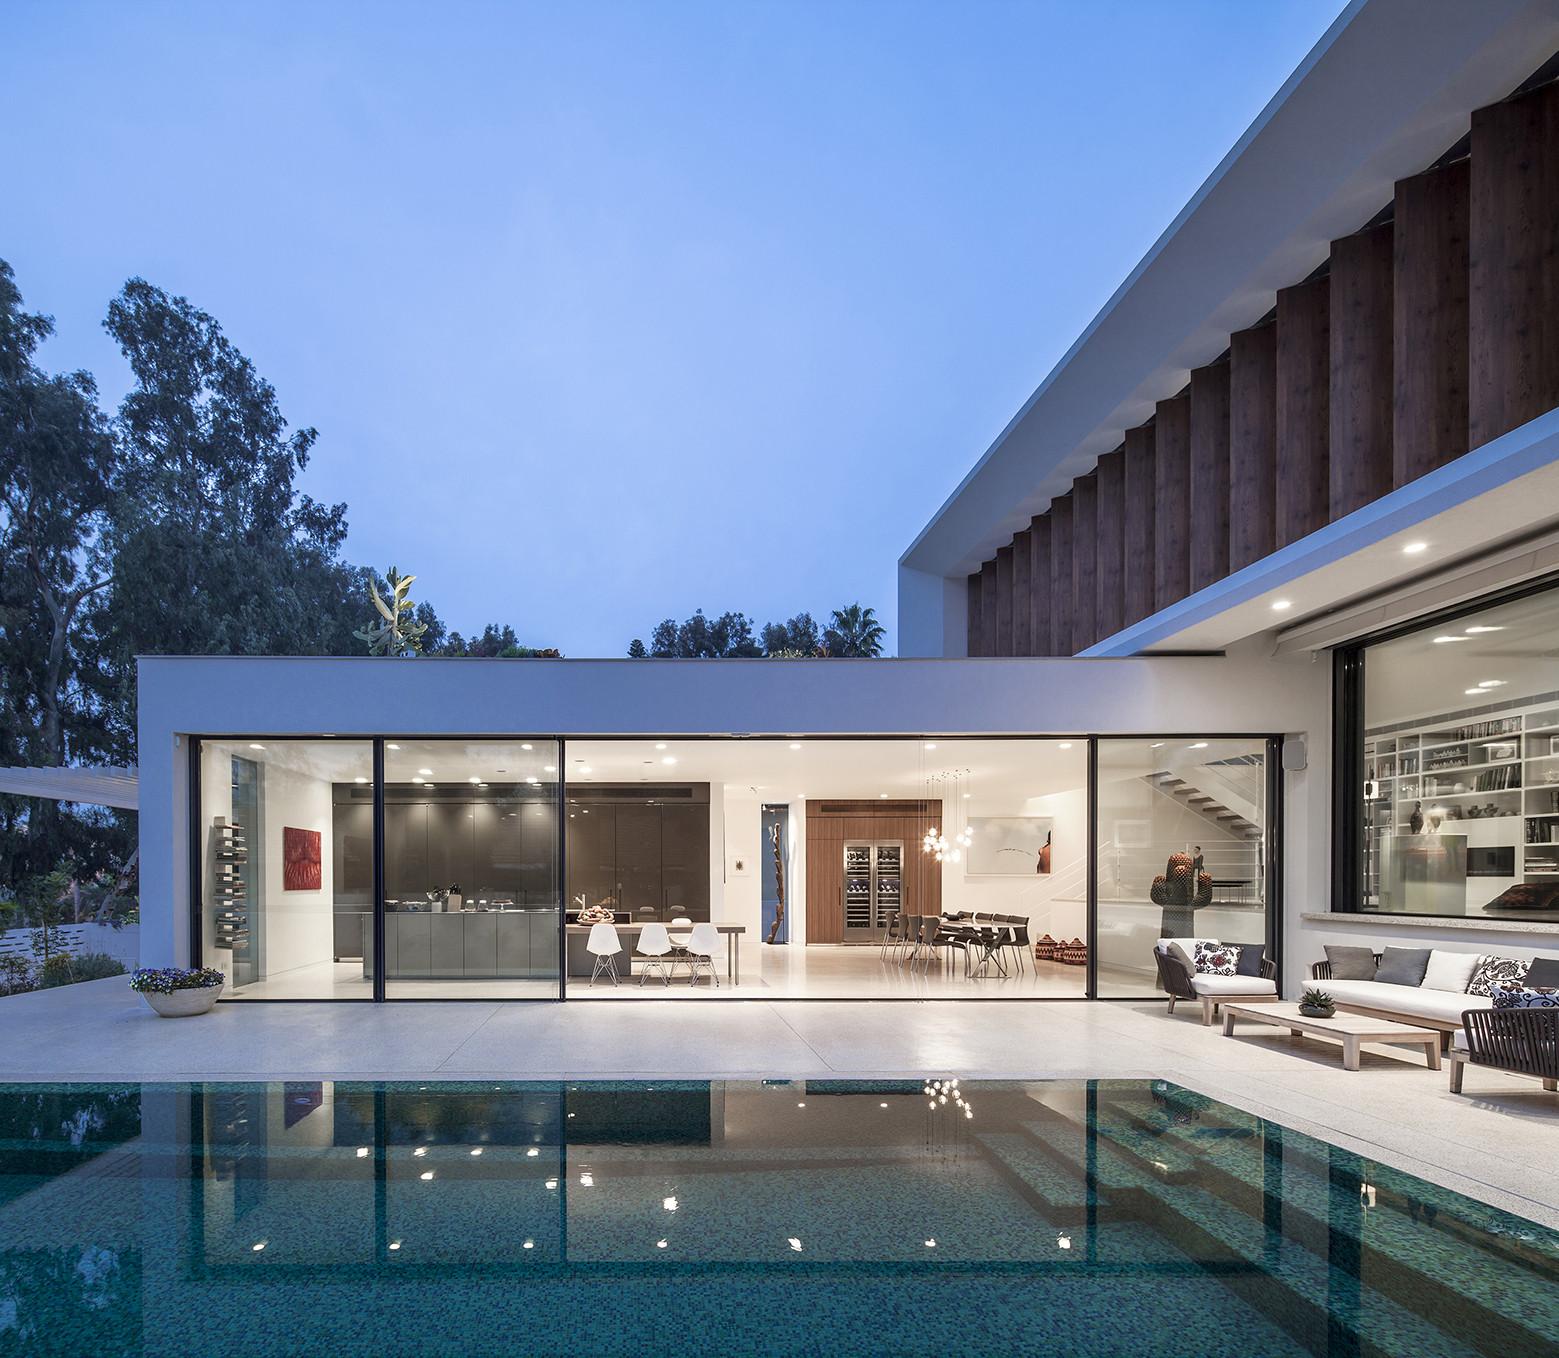 Gallery of Mediterranean Villa / Paz Gersh Architects - 10